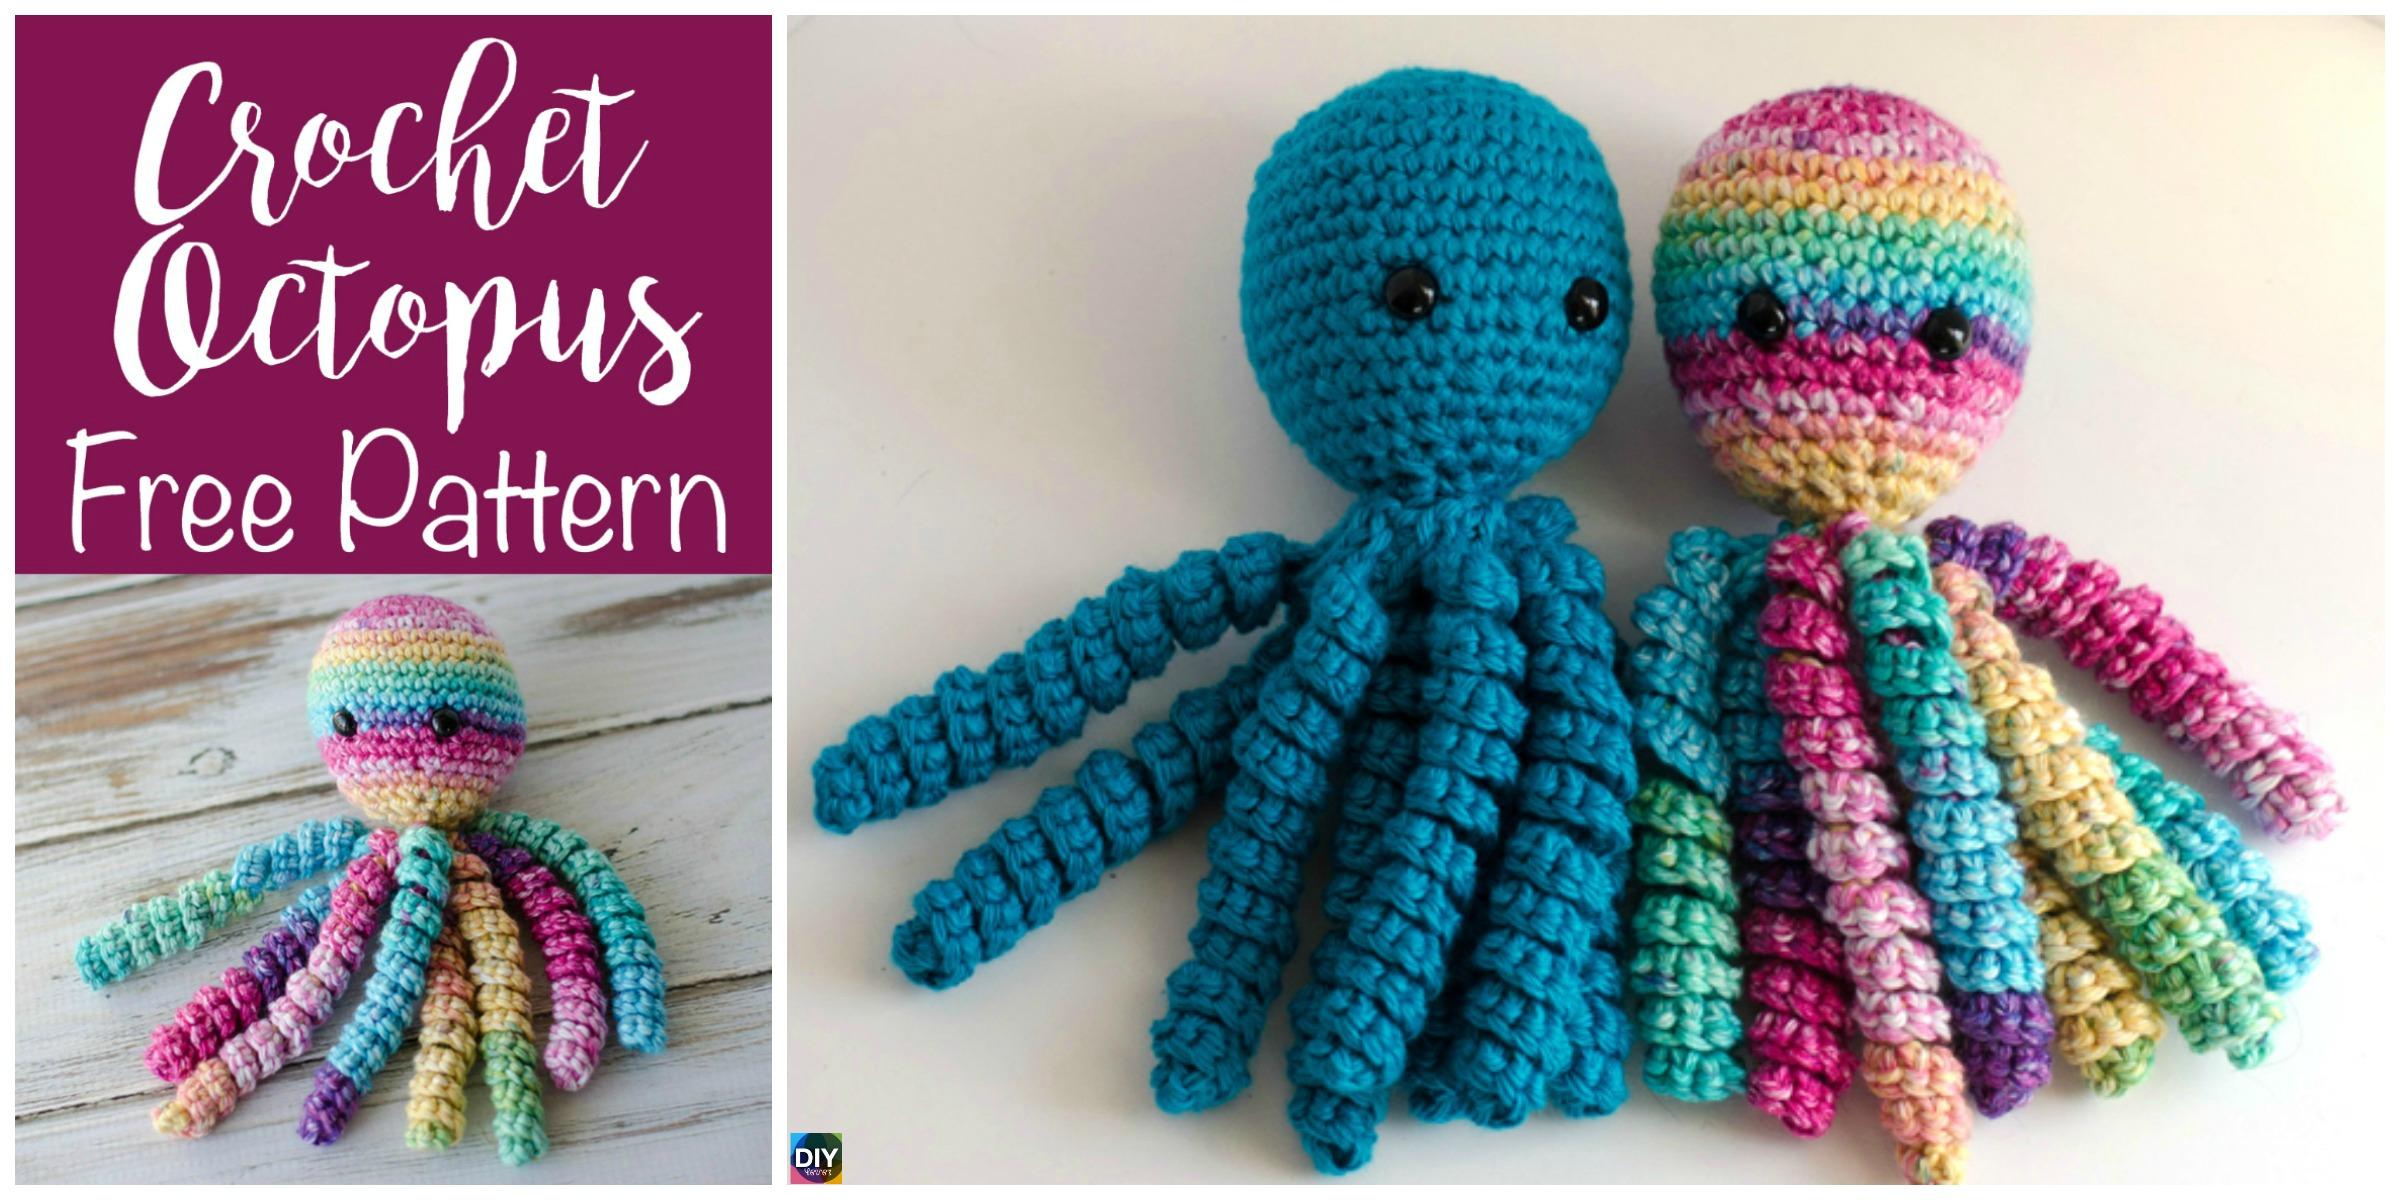 Adorable Crochet Octopus Amigurumi - Free Pattern - DIY 4 EVER